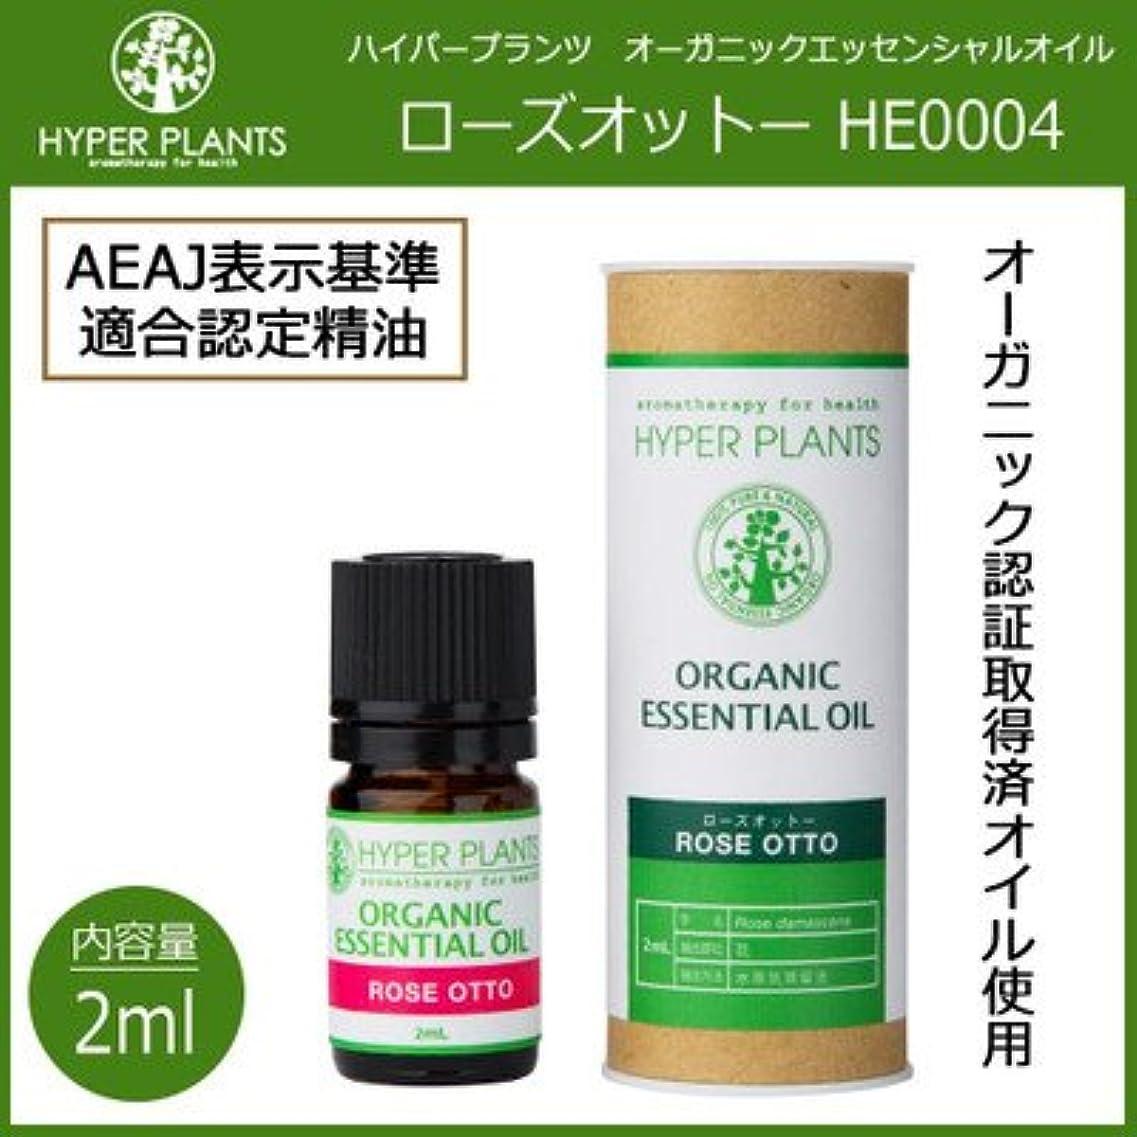 プーノ気まぐれな親指毎日の生活にアロマの香りを HYPER PLANTS ハイパープランツ オーガニックエッセンシャルオイル ローズオットー 2ml HE0004